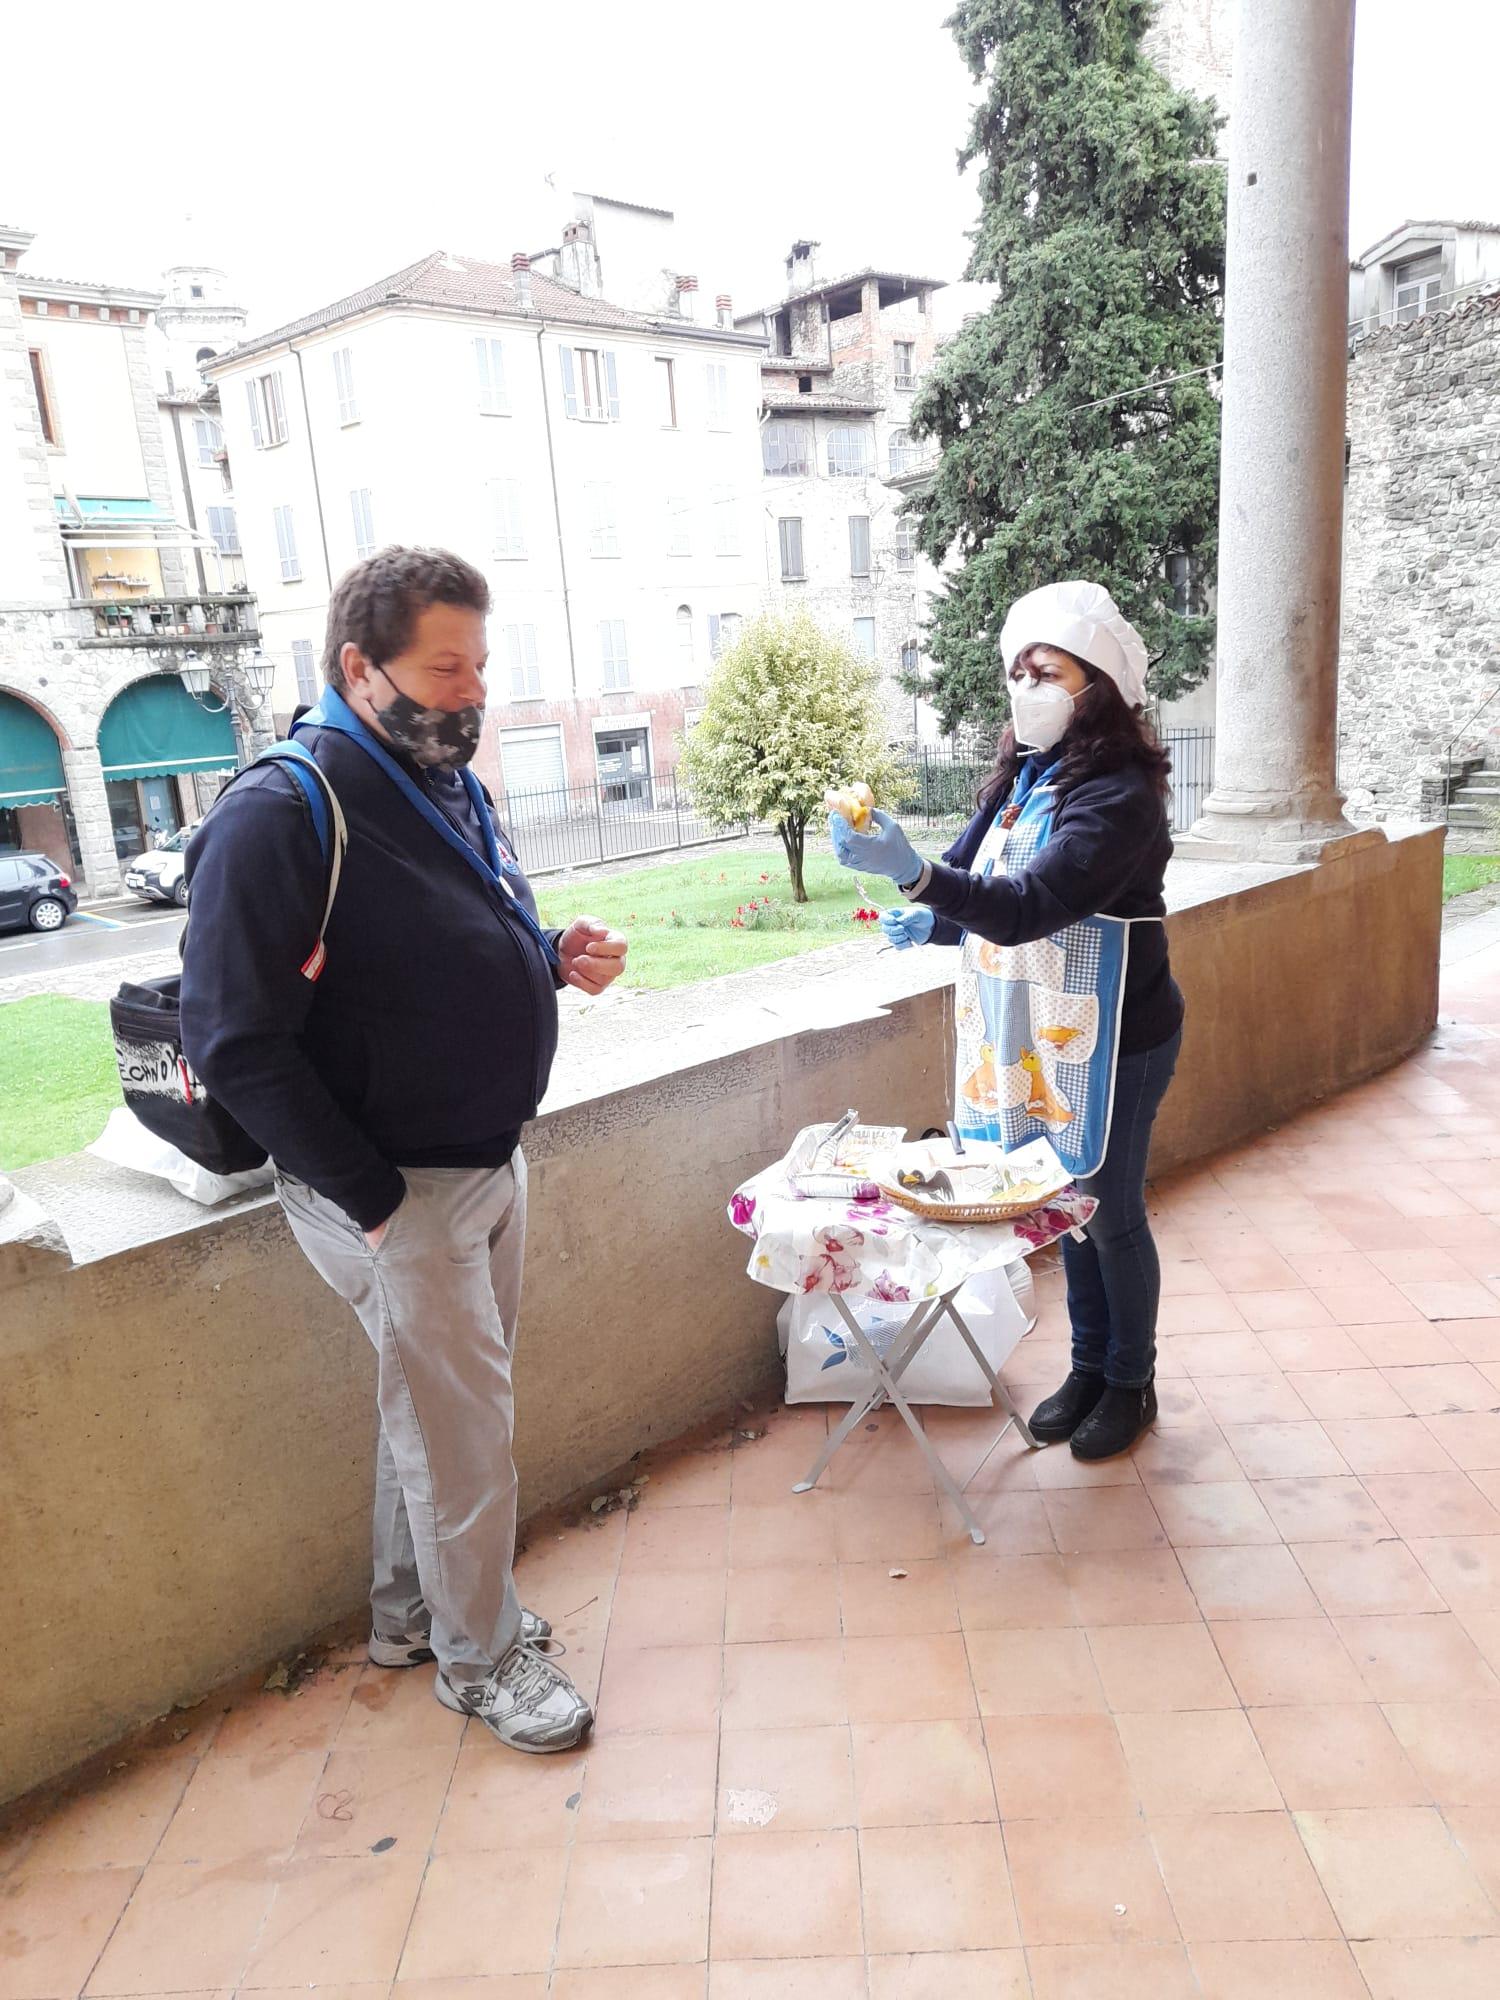 Uscita-apertura-Masci-Bobbio-11-ottobre-2020-21